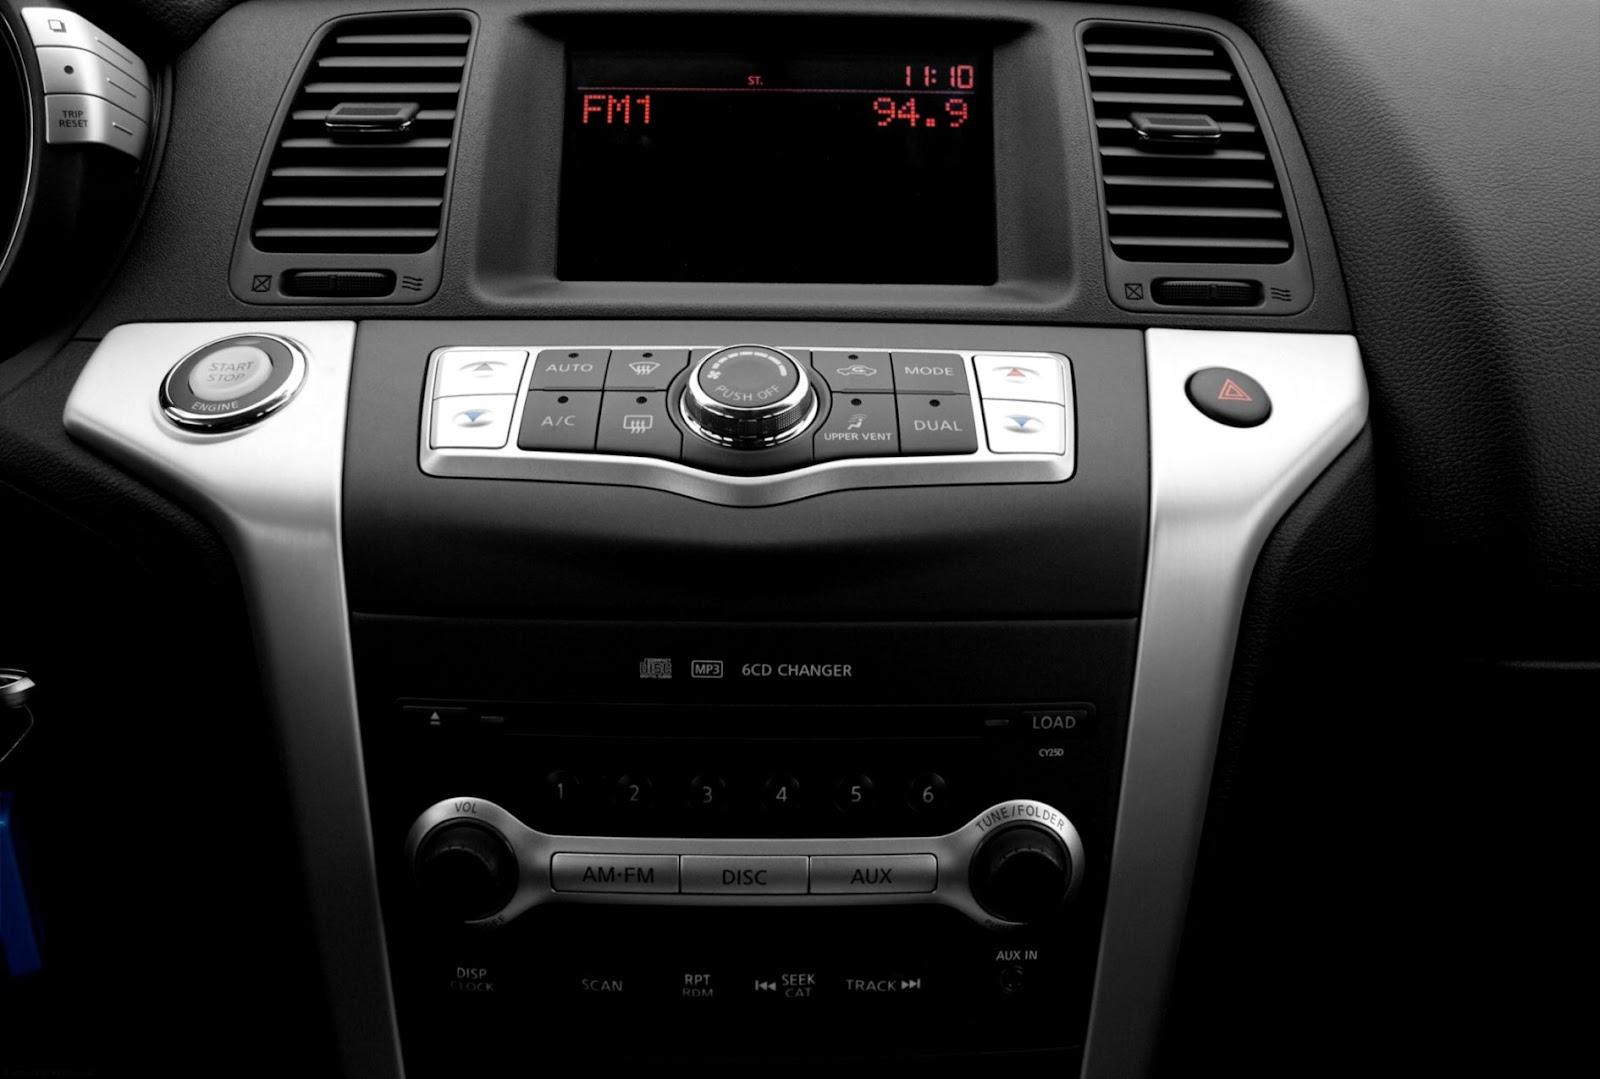 2010 Nissan Murano Radio